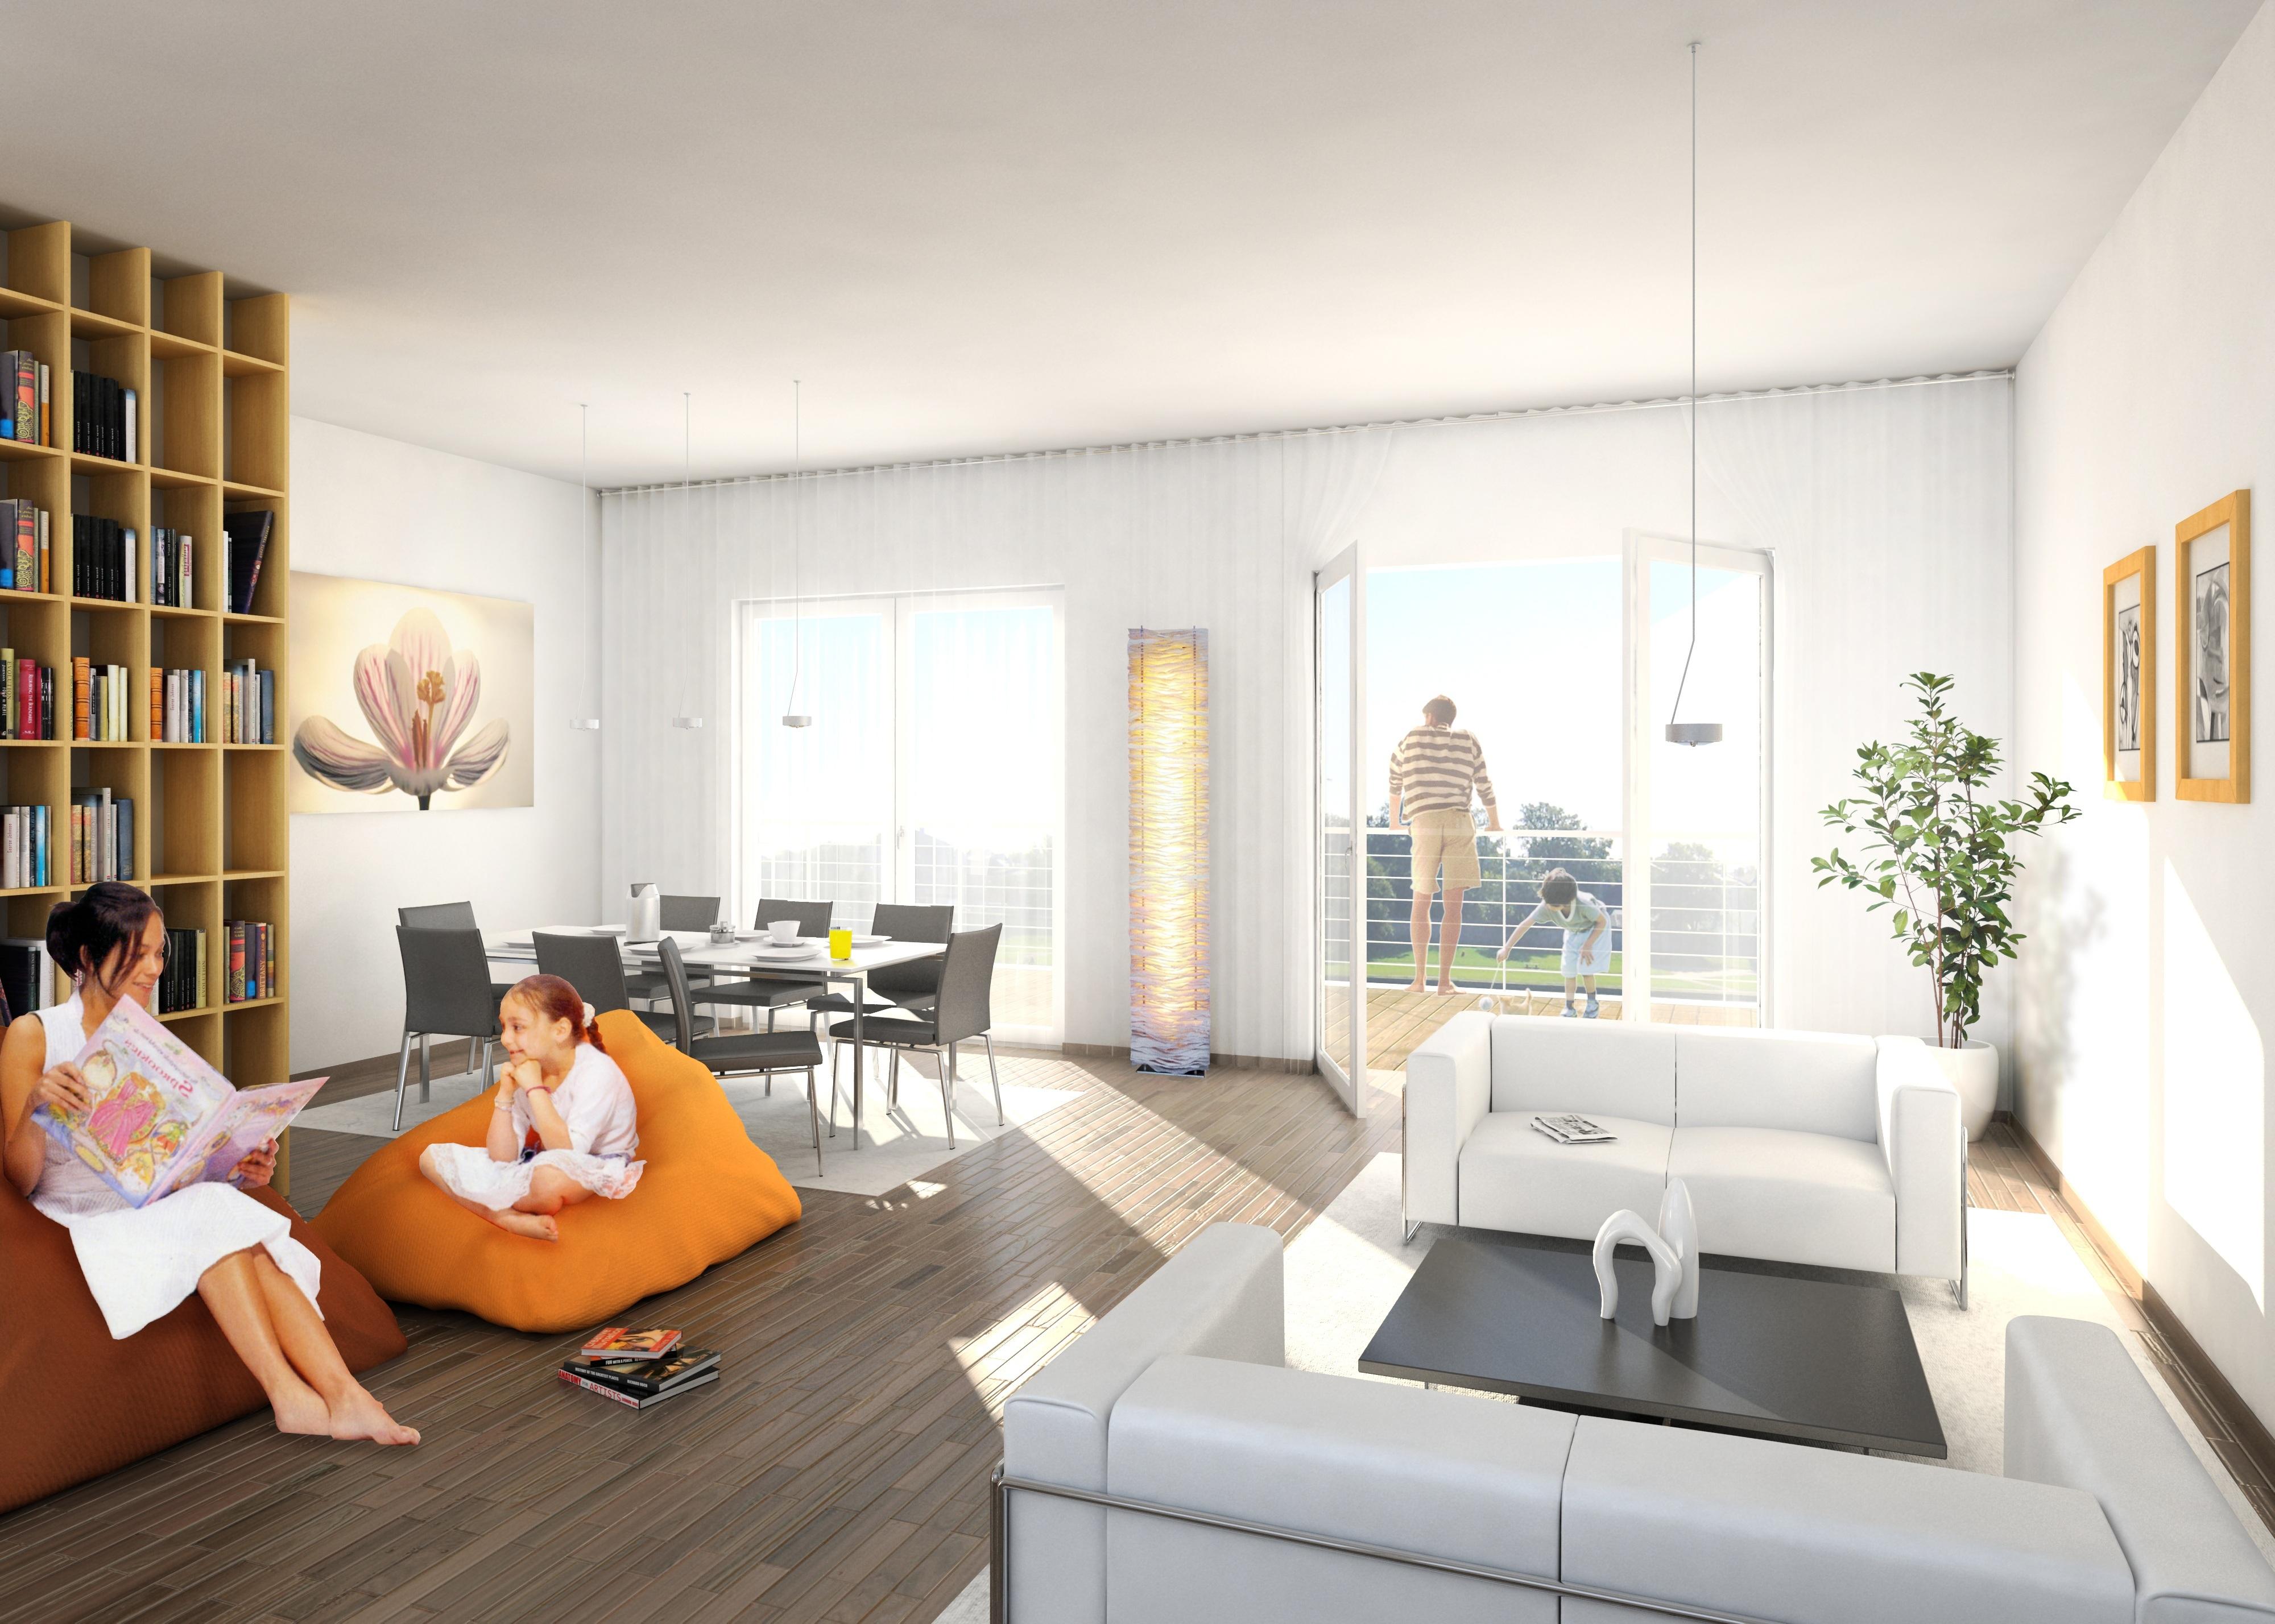 Familia disfrutando su vida como expatriados con muebles arrendados